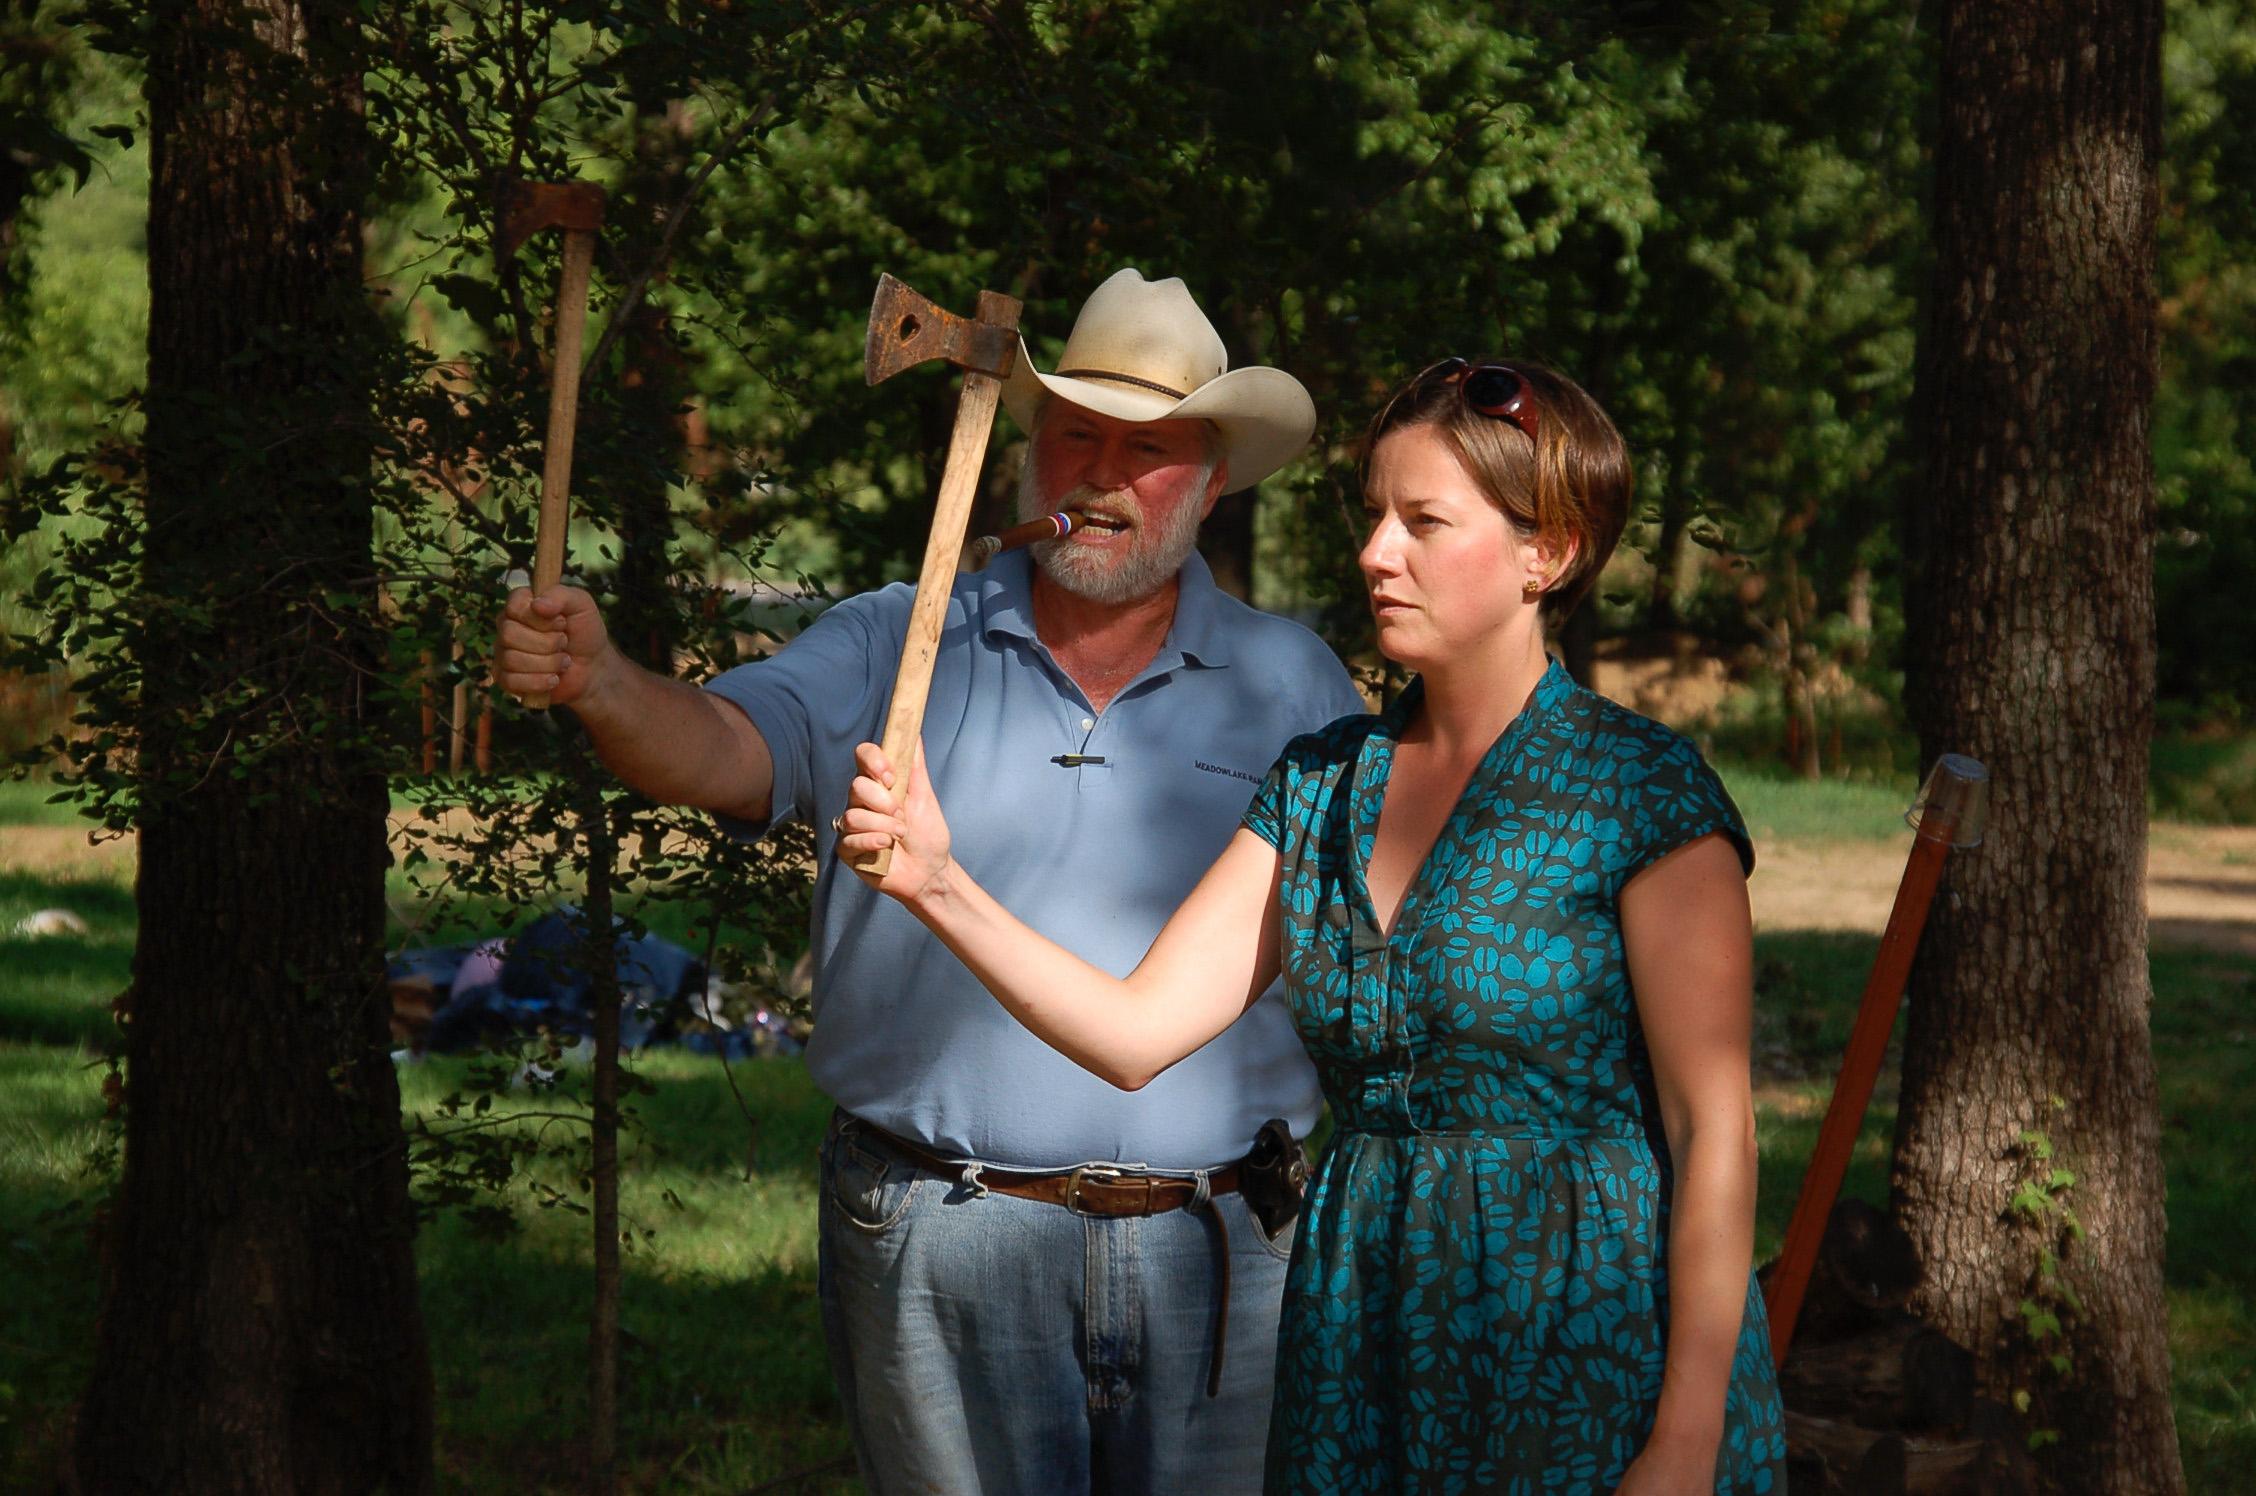 Cowboy und junge Frau aus Deutschland beim Urlaub der Due Ranch in Oklahoma mit Tomahawk